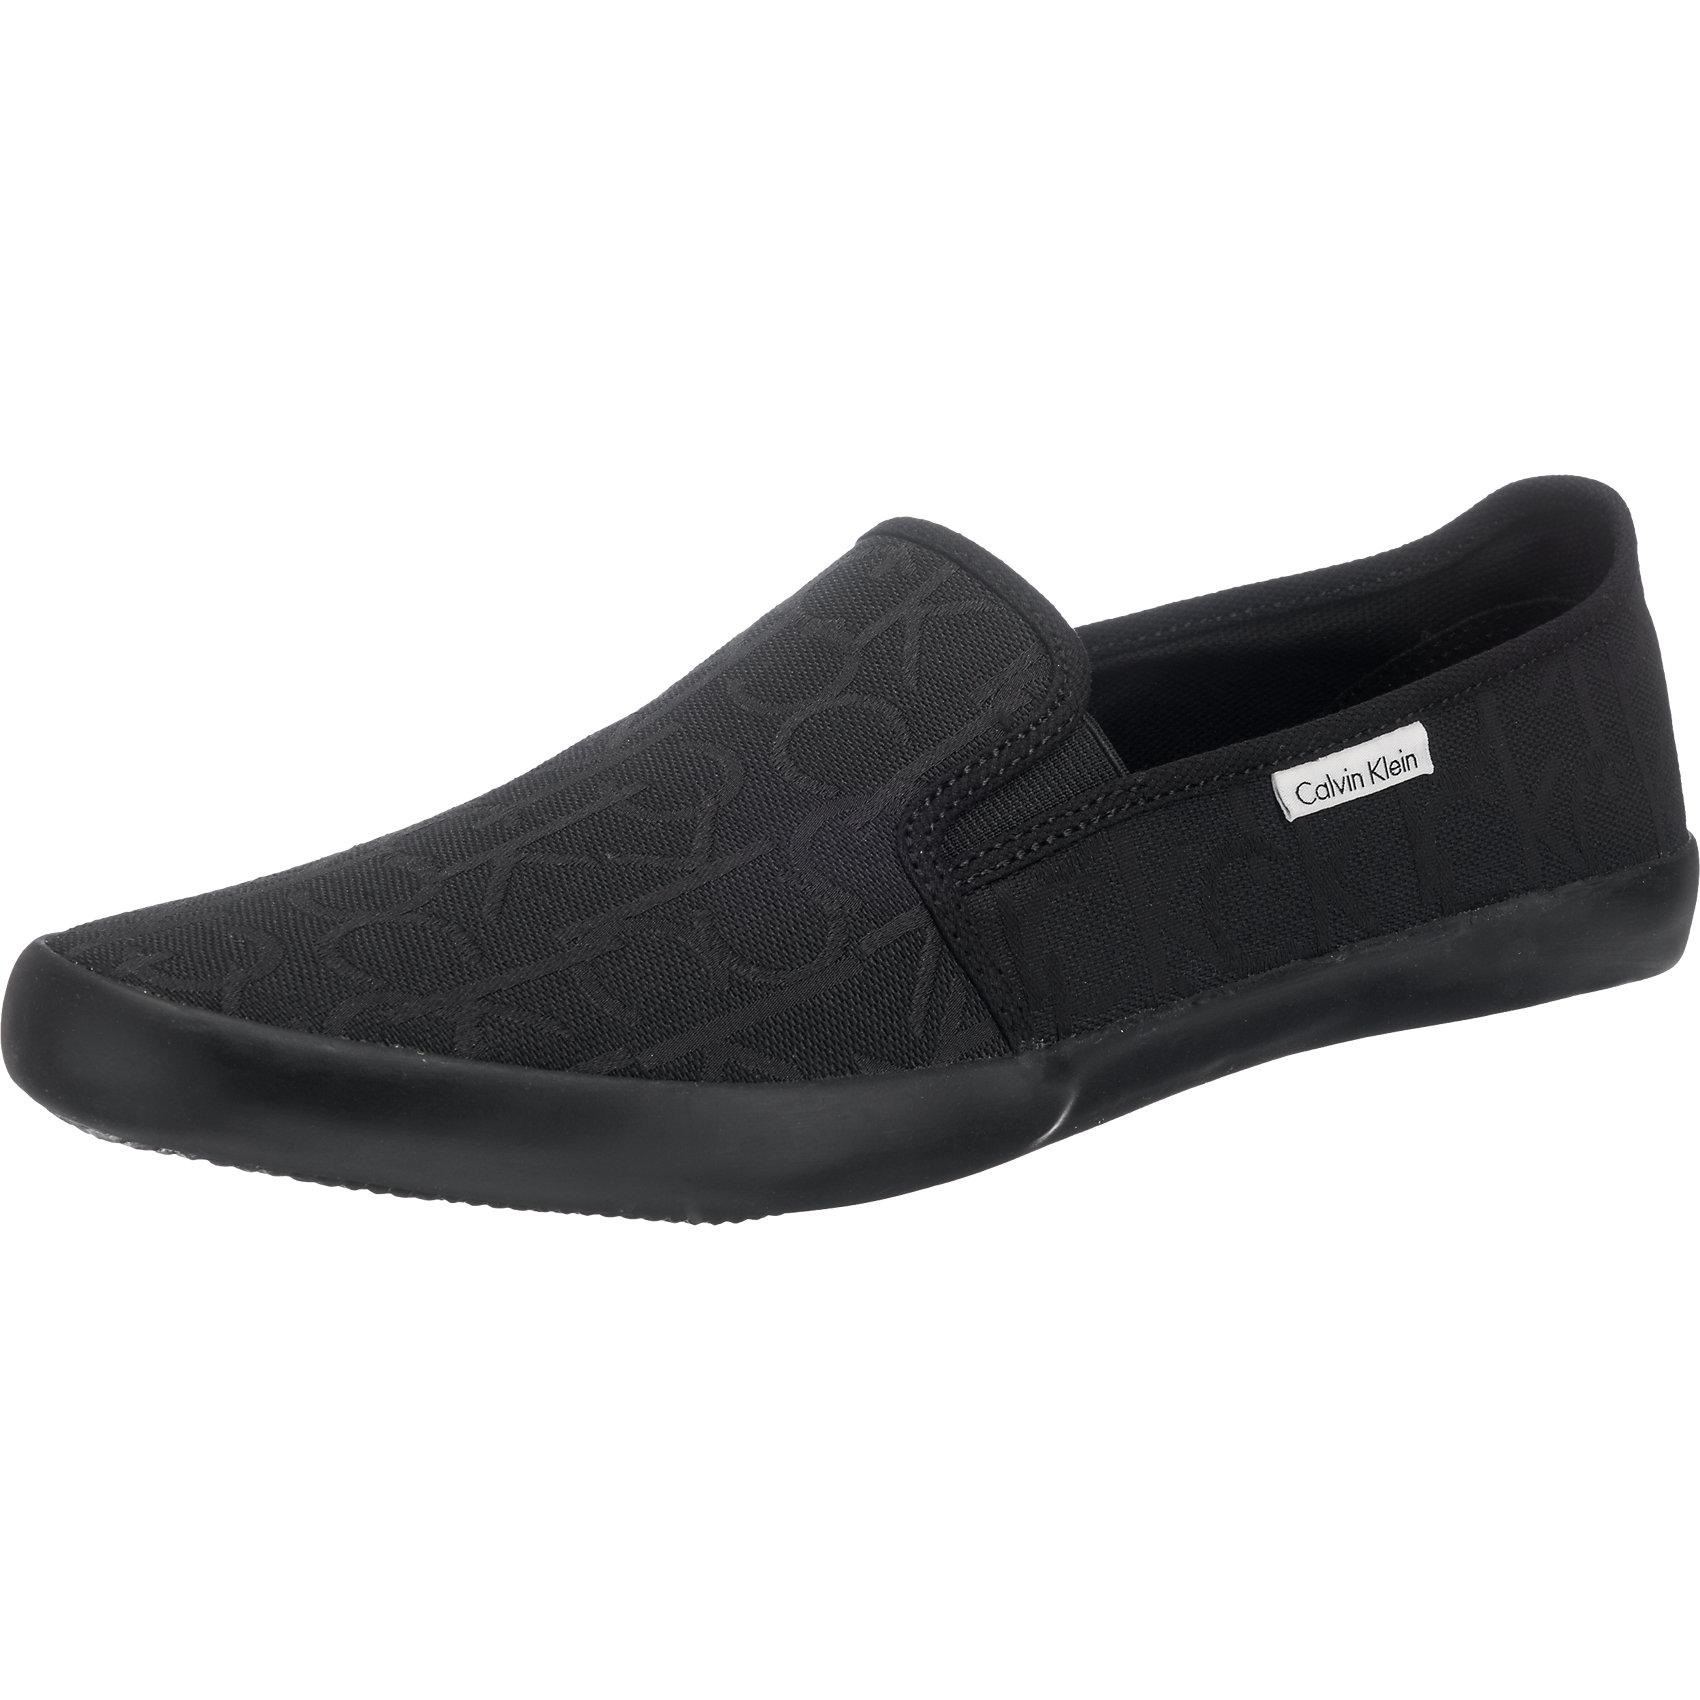 Neu CALVIN schwarz-kombi KLEIN JEANS Fabion Sneakers schwarz-kombi CALVIN grau-kombi 5772047 60068e